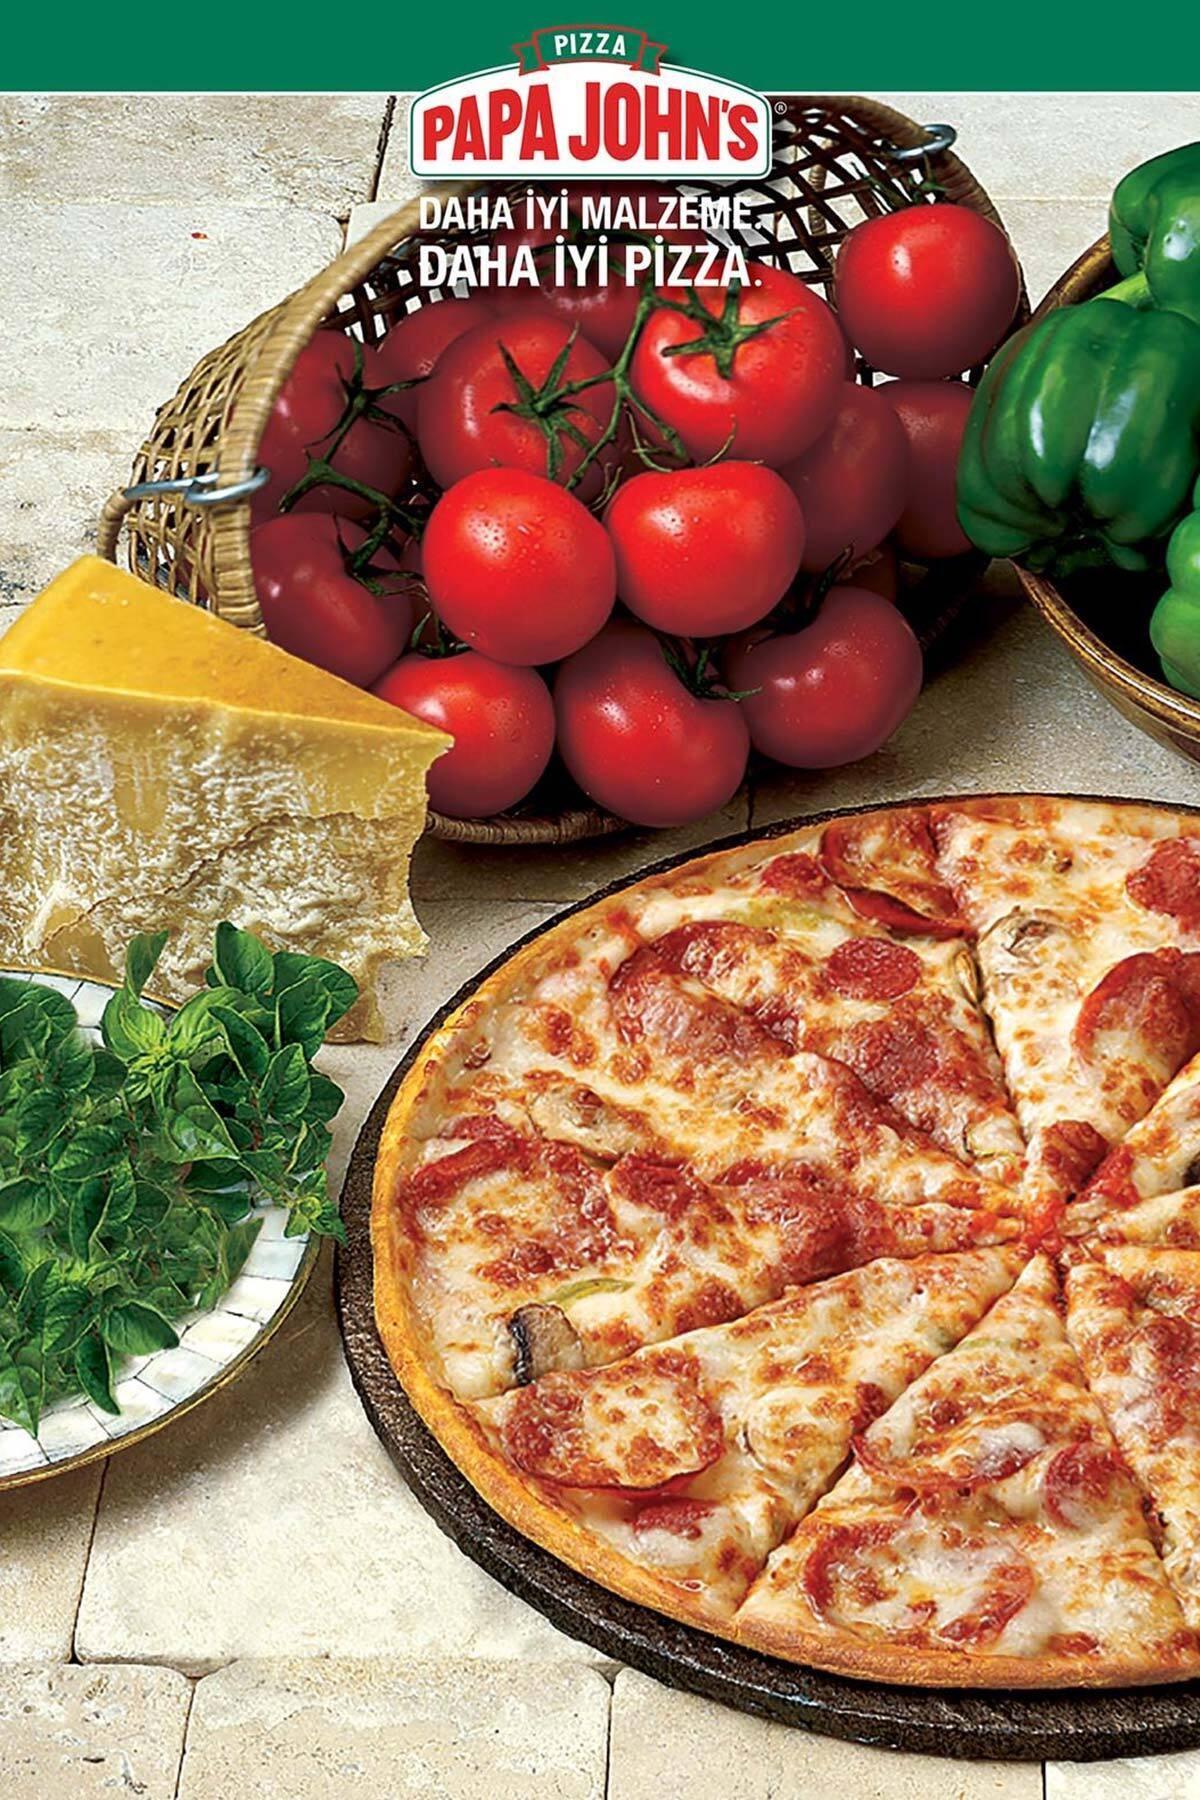 Papa John's Pizza Kuponu  Pizza  Kanka Büyük Boy